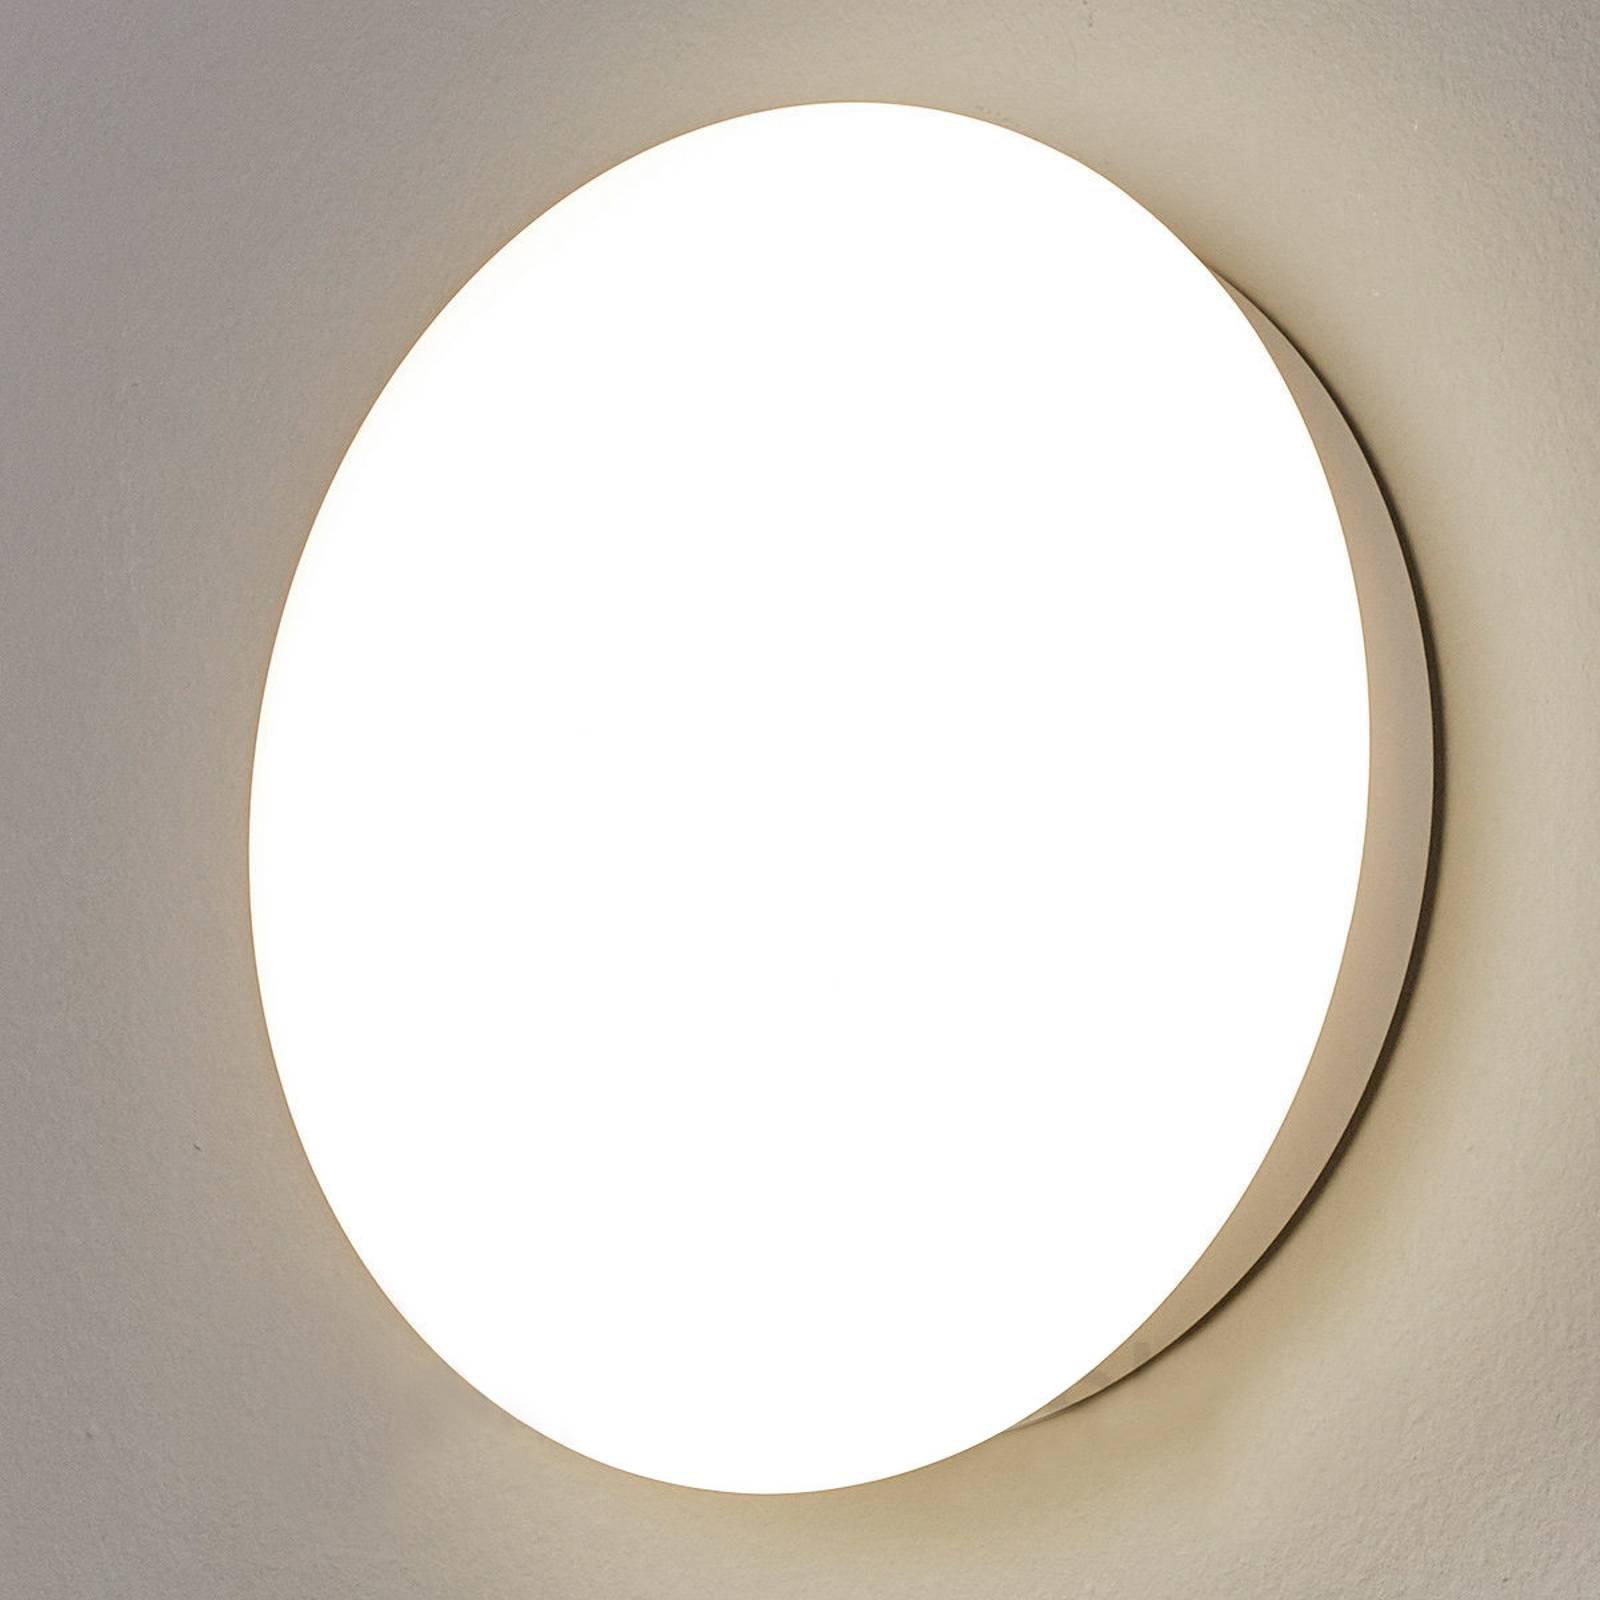 SUN 12 LED-vegglampe, IP55, 8 W, uni-hvitt, 4000 K